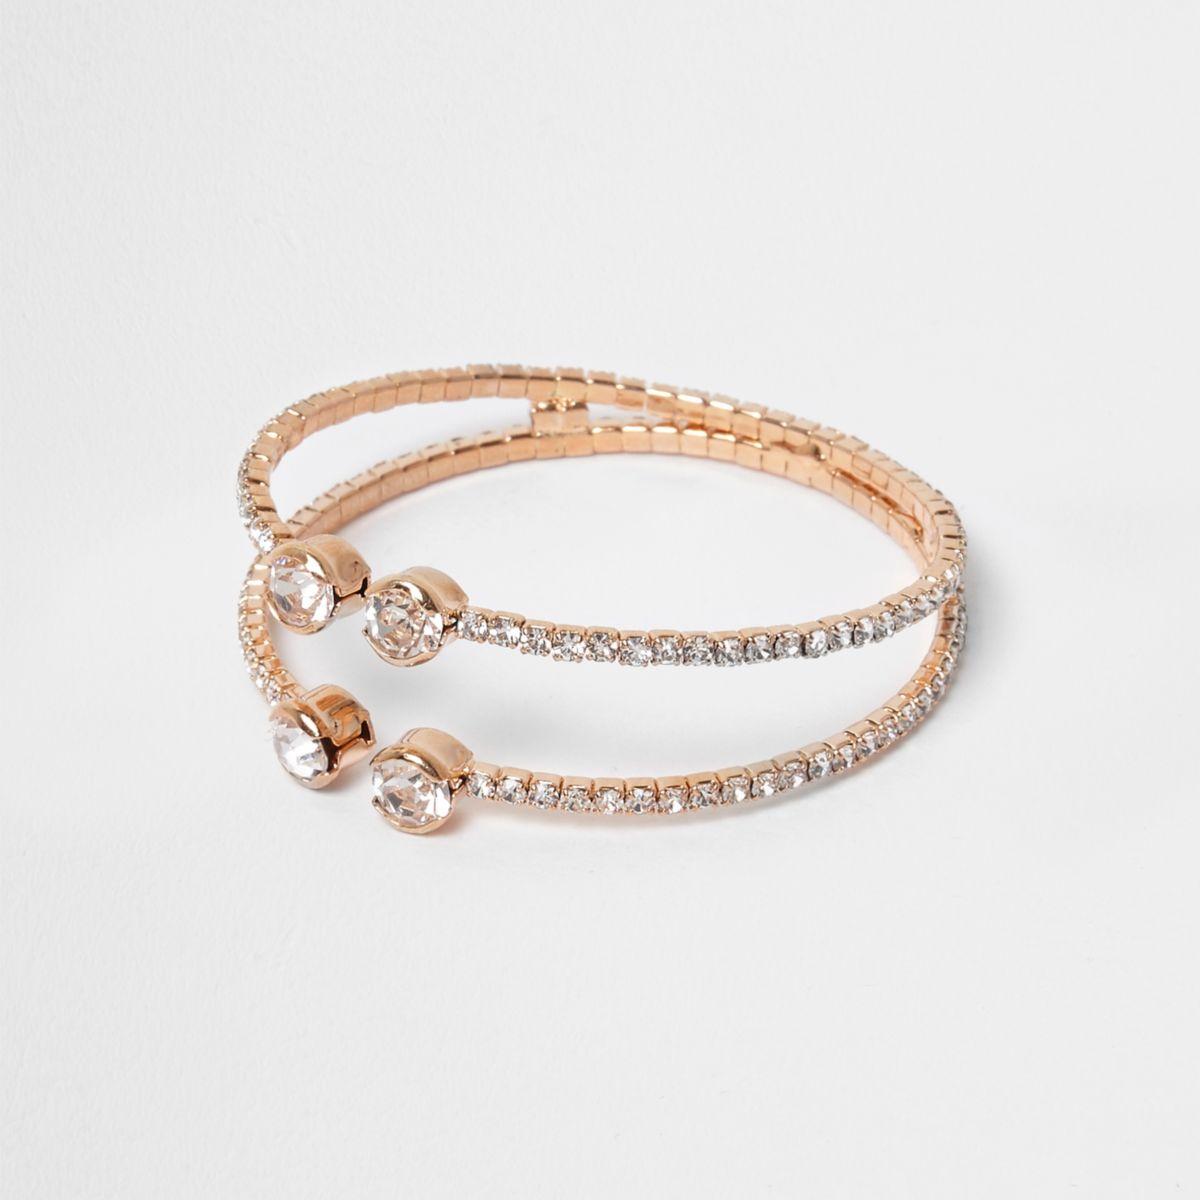 Rose gold tone rhinestone pave cuff bracelet